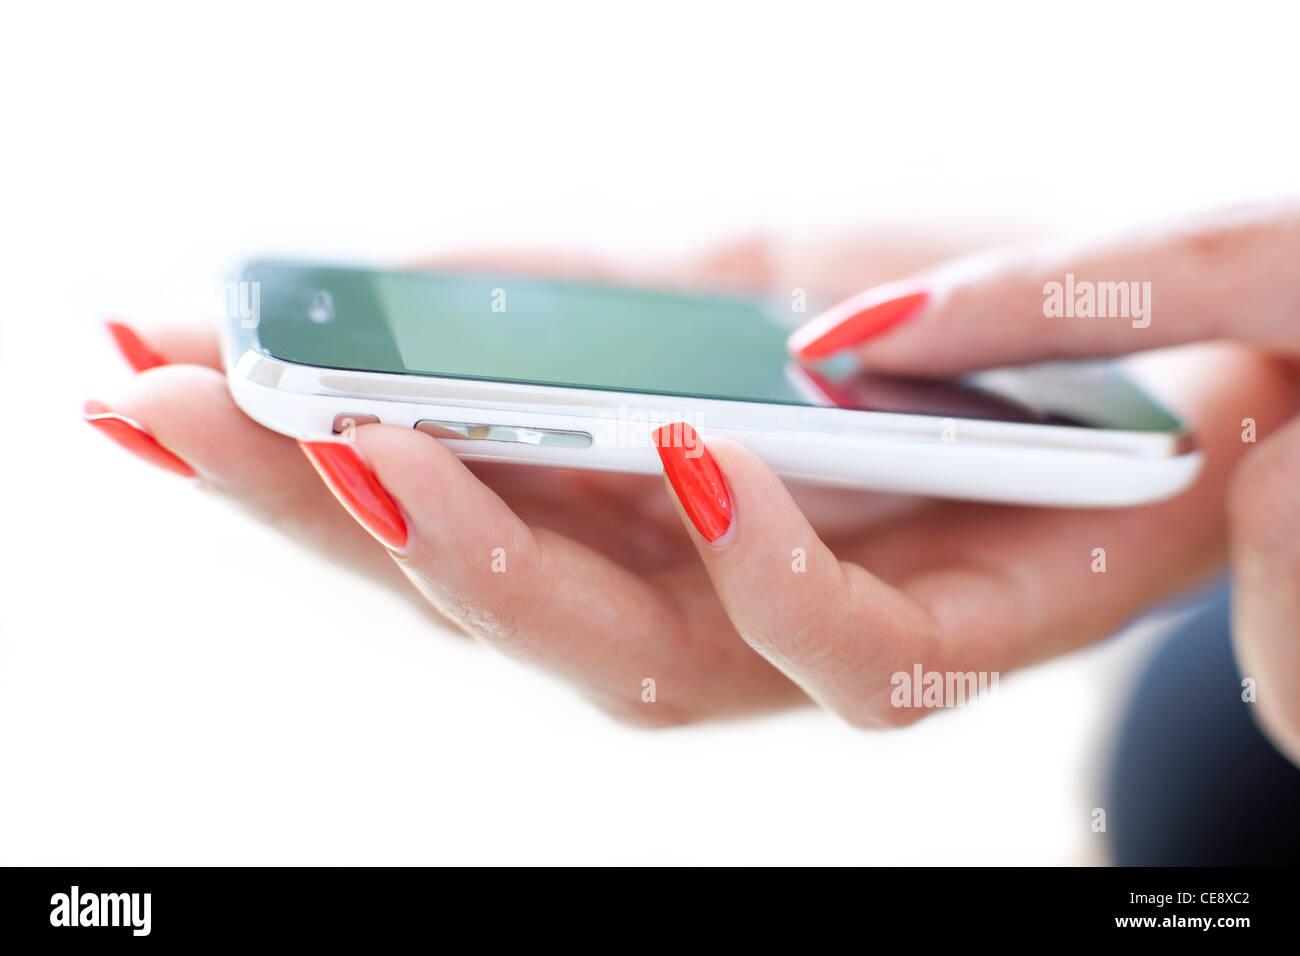 Parution du modèle. L'utilisation du smartphone. Photo Stock